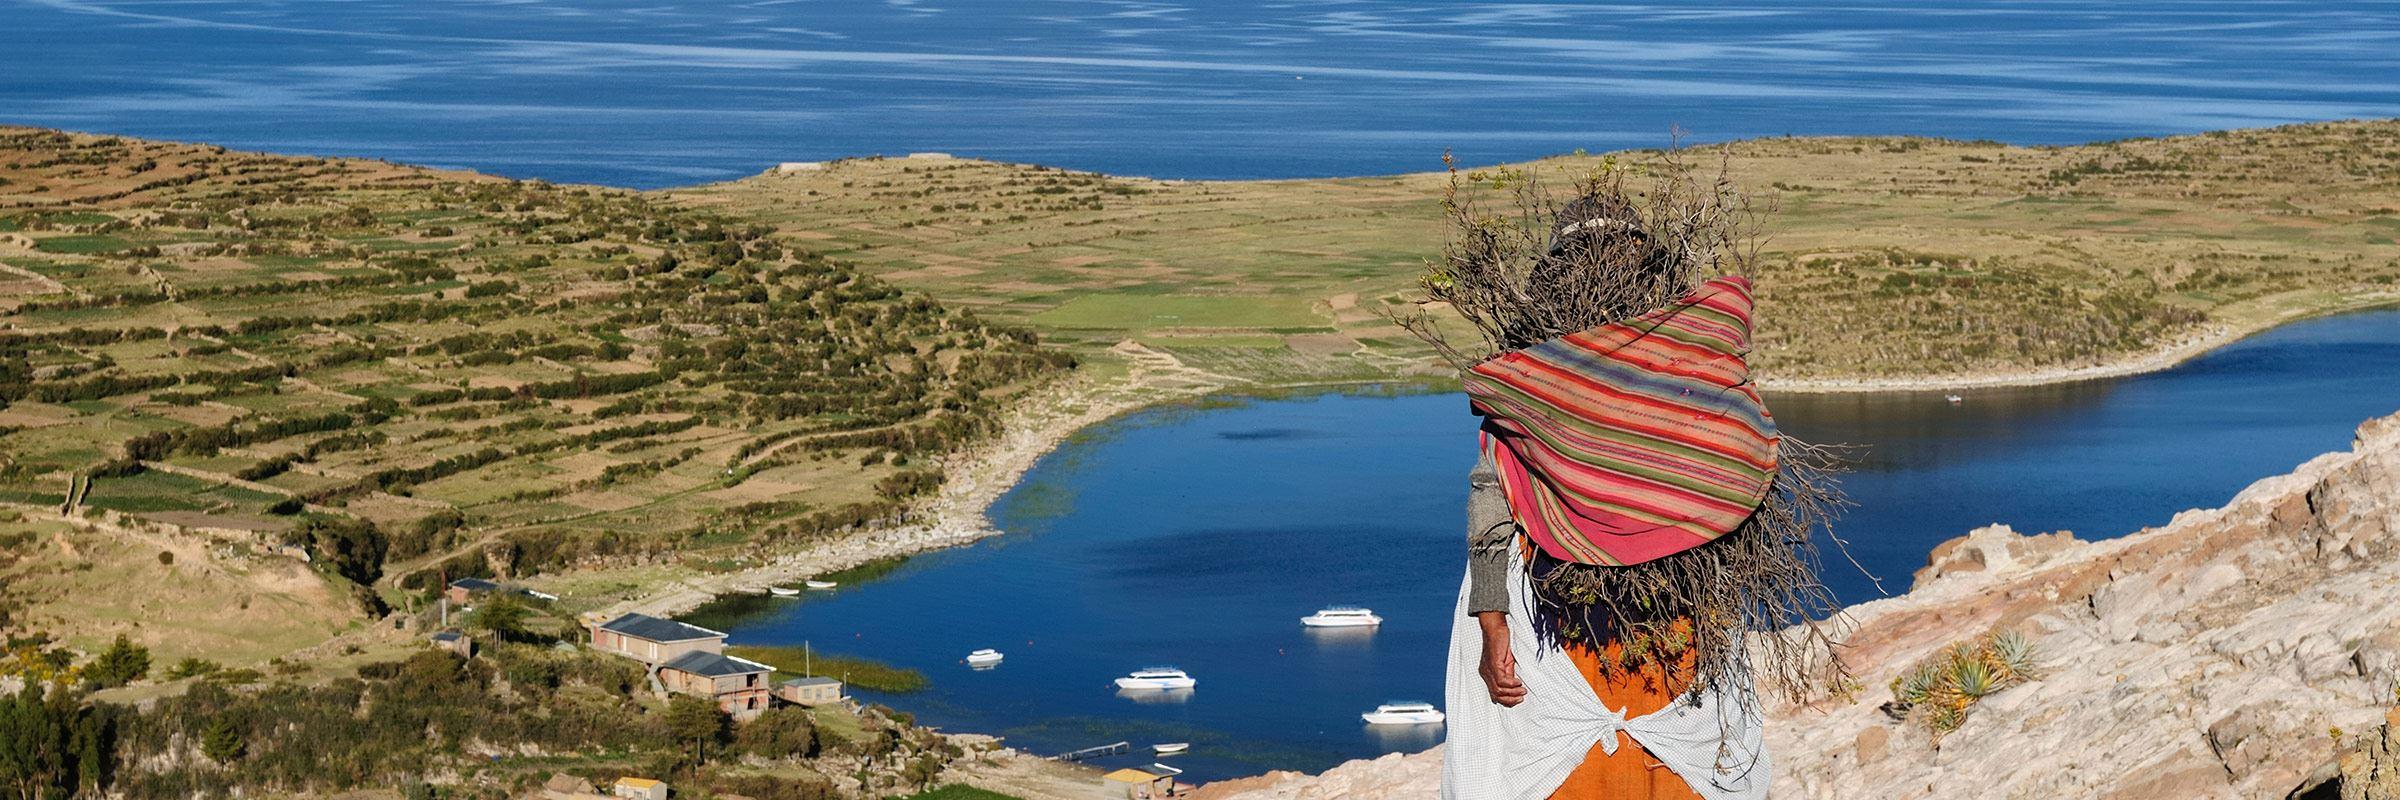 Lake Titicaca turns into kaku 3